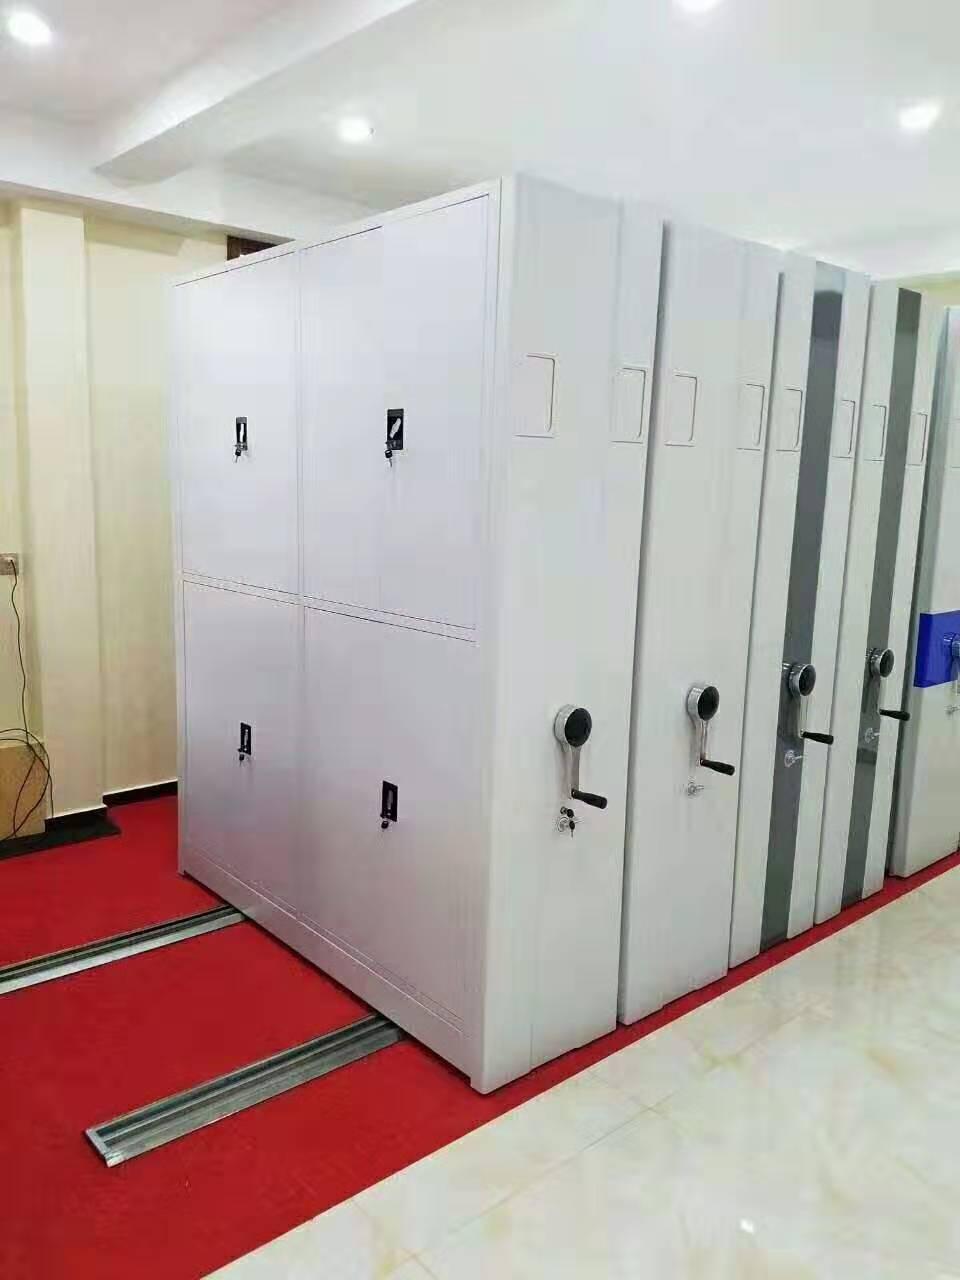 黑龙江齐齐哈尔龙江县档案密集柜维修服务至上